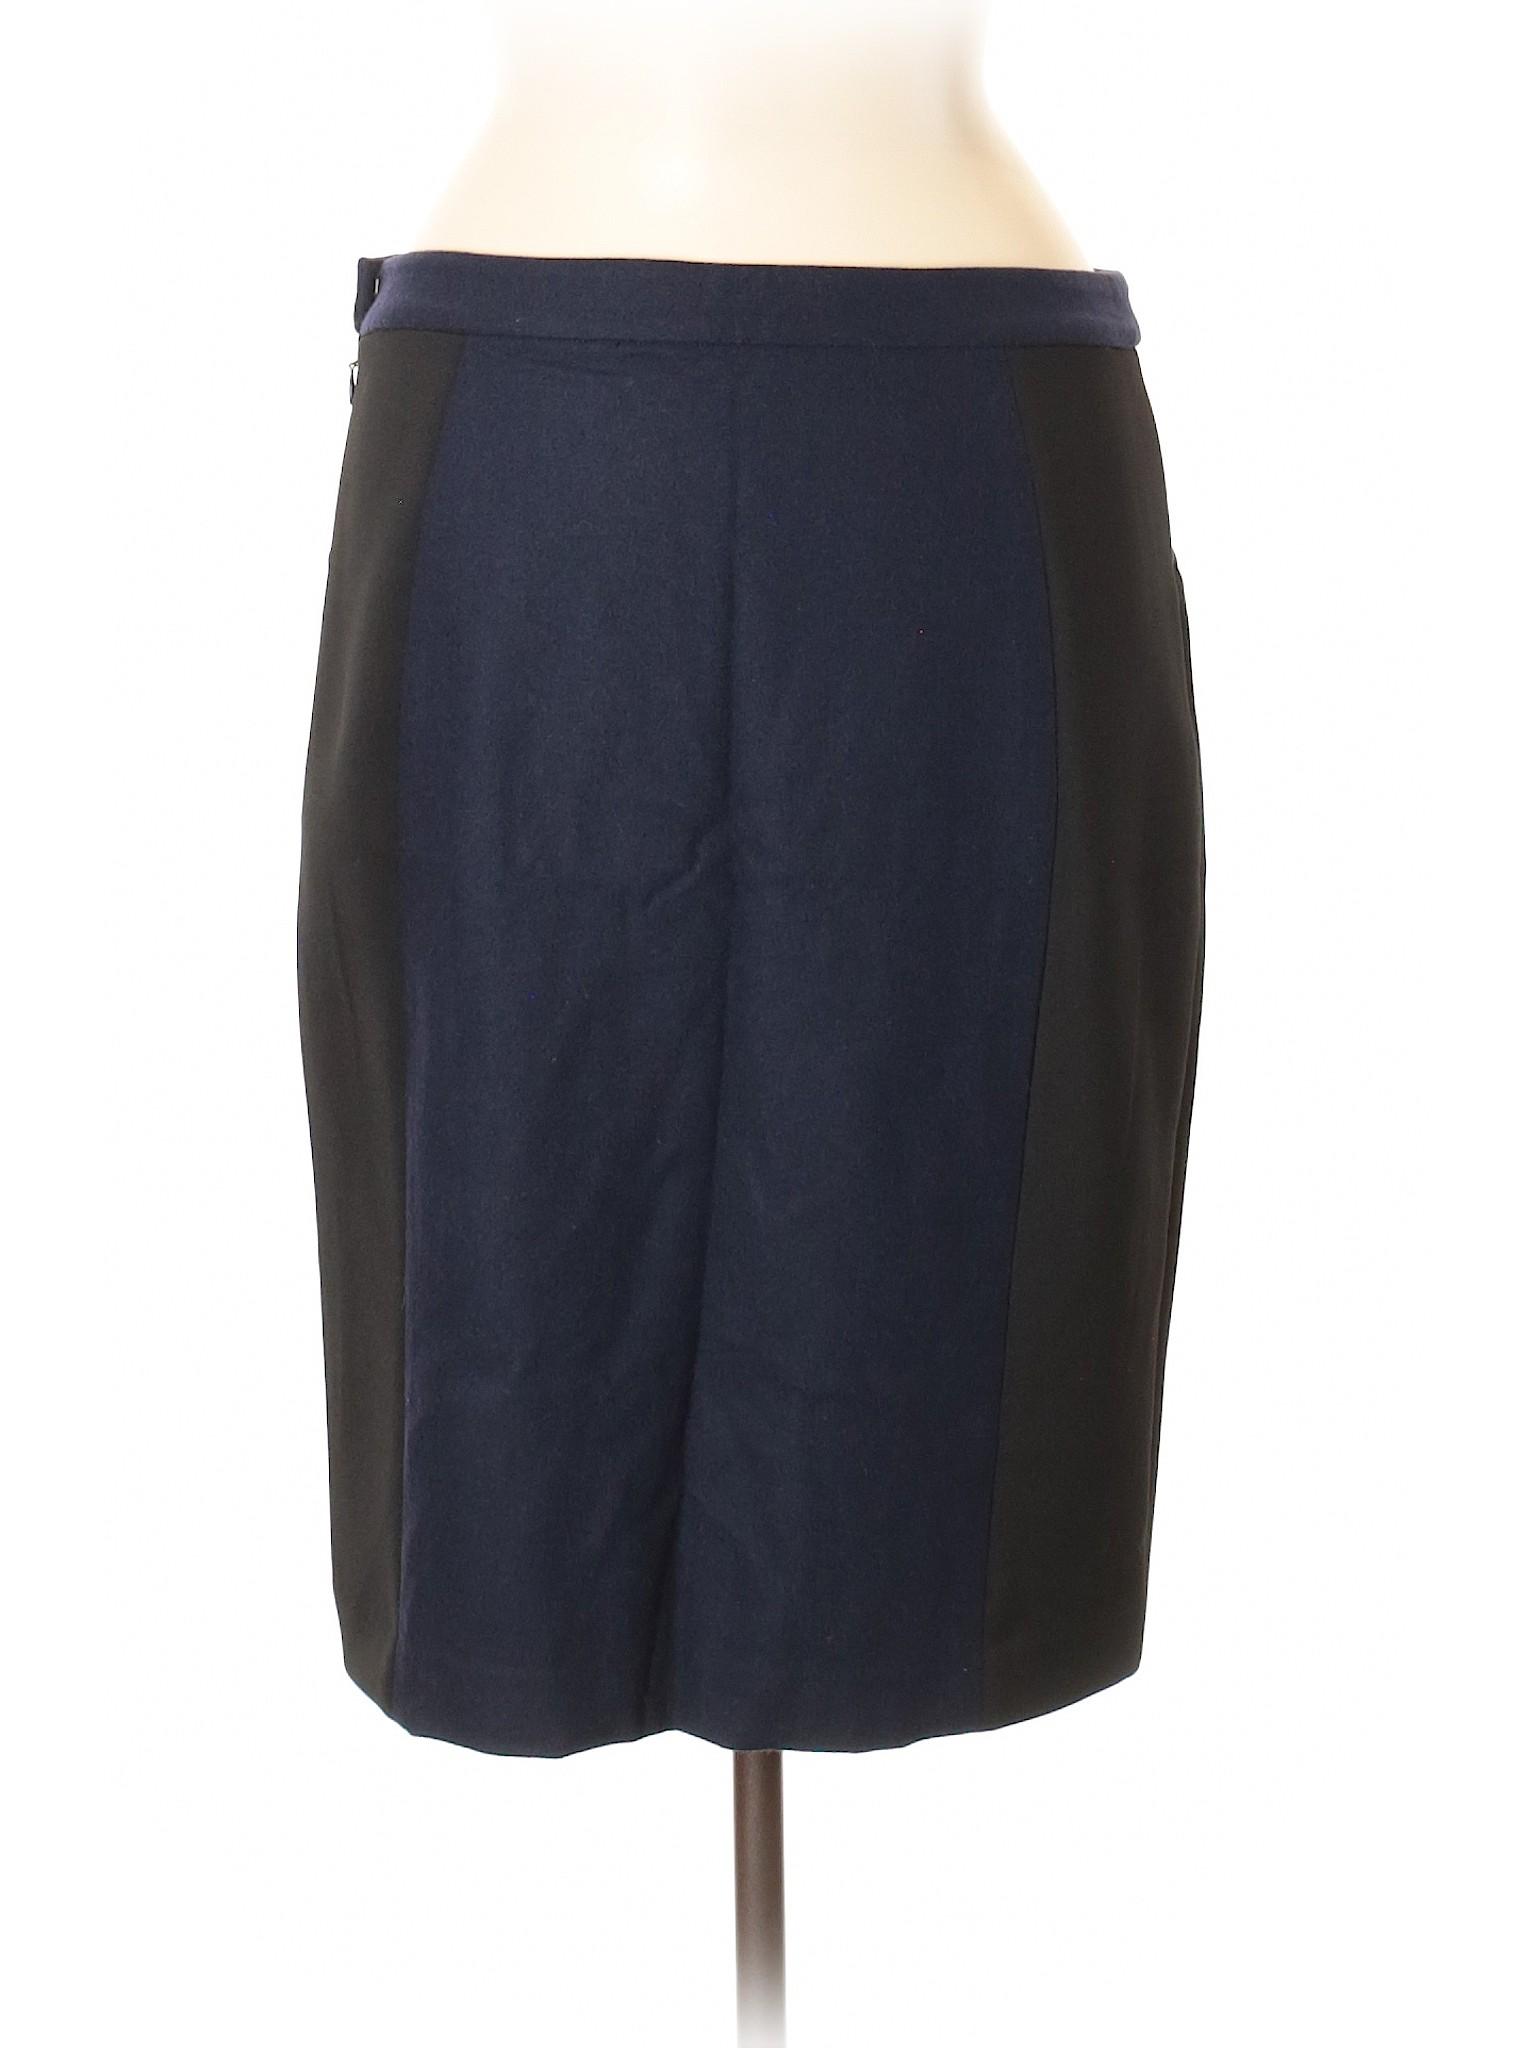 Wool Boutique Wool Boutique Boutique Skirt Skirt wHIBzFn